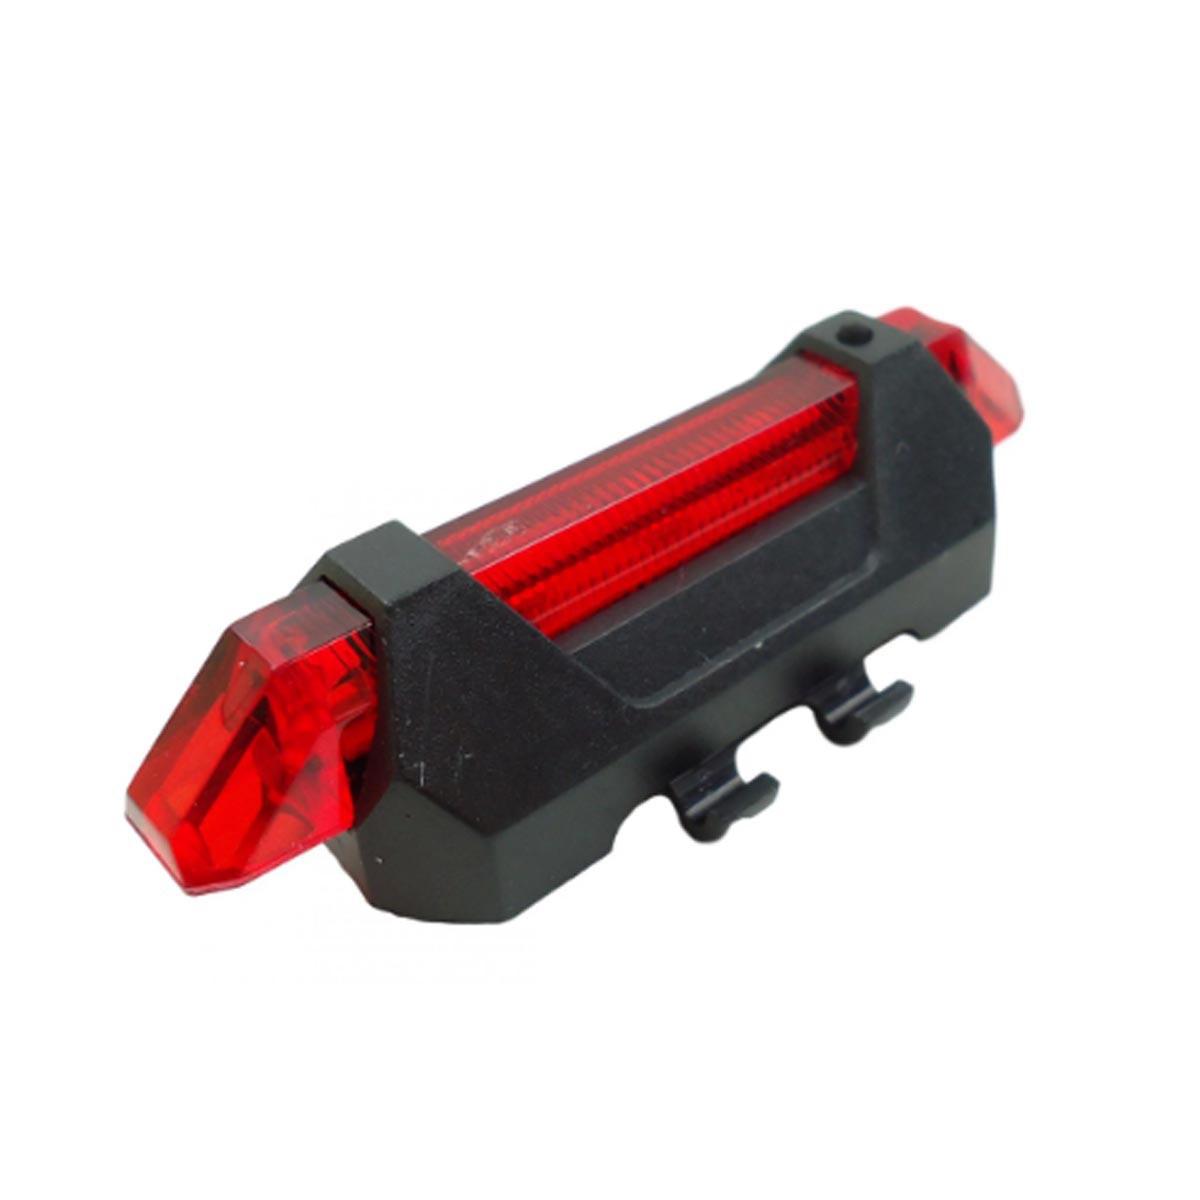 SINALIZADOR JWS JY-918 COM CARREGADOR USB TRASEIRO